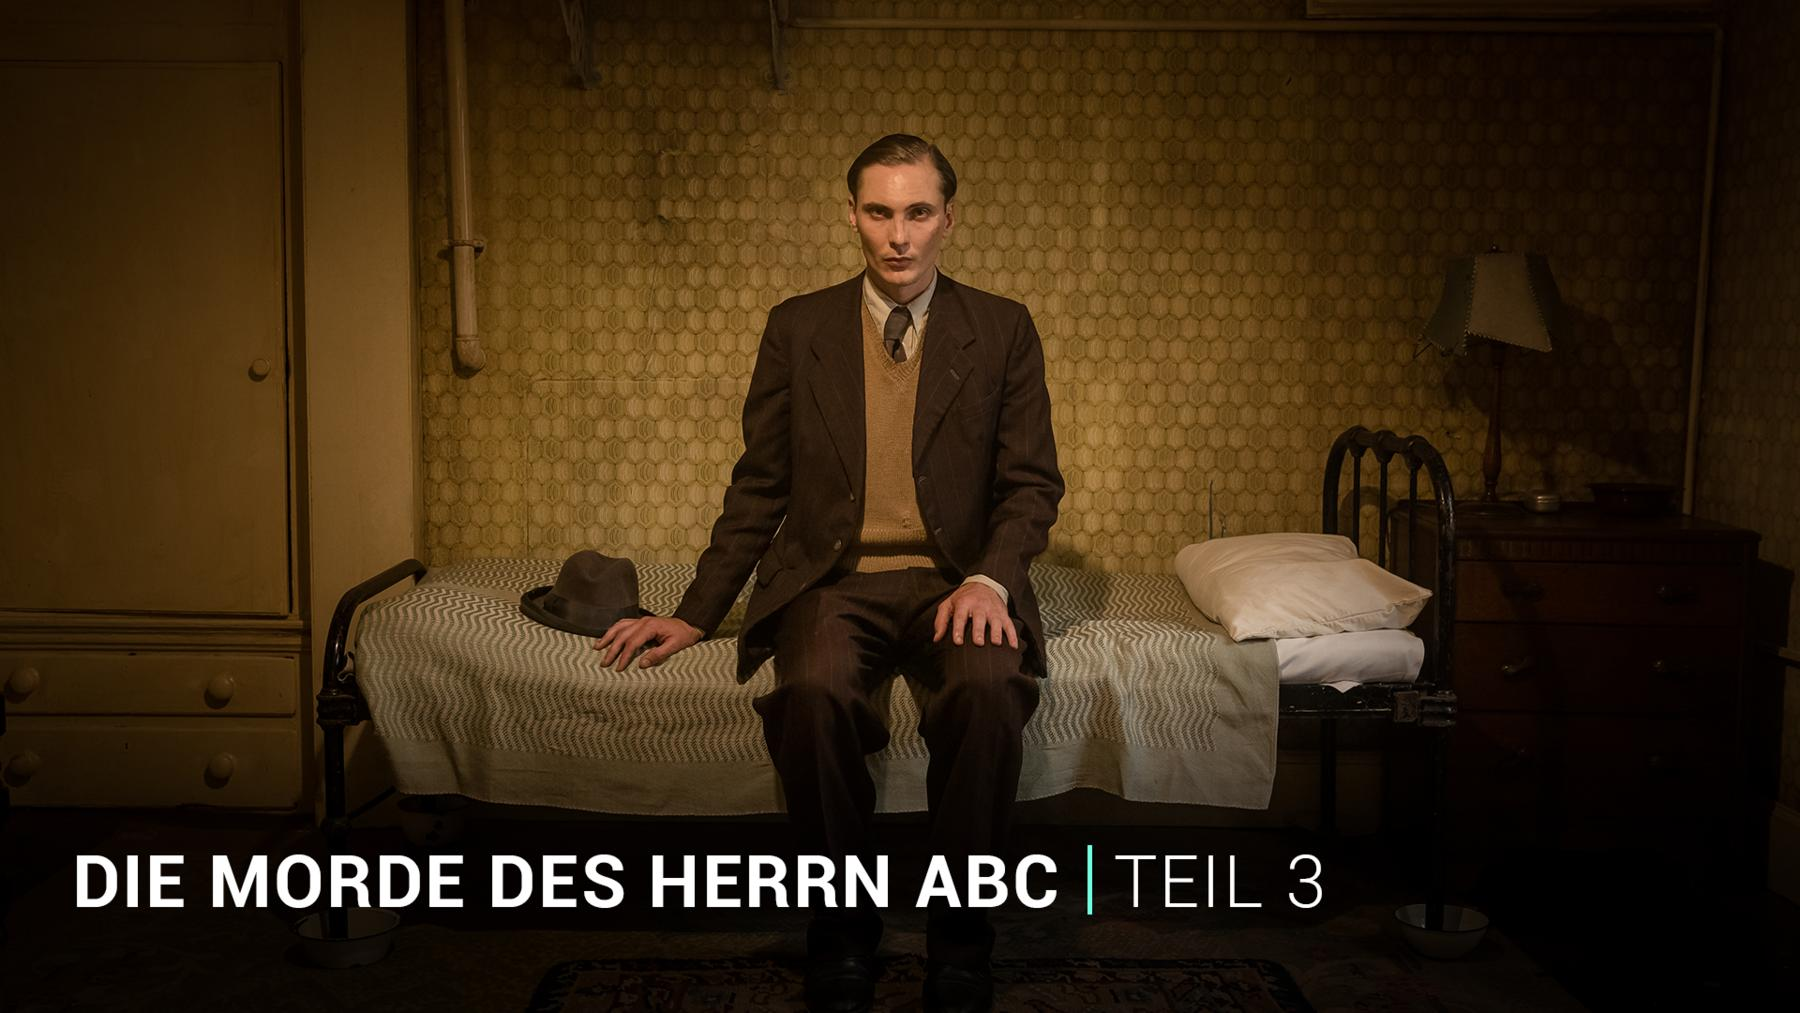 Die Morde des Herrn ABC Teil 3